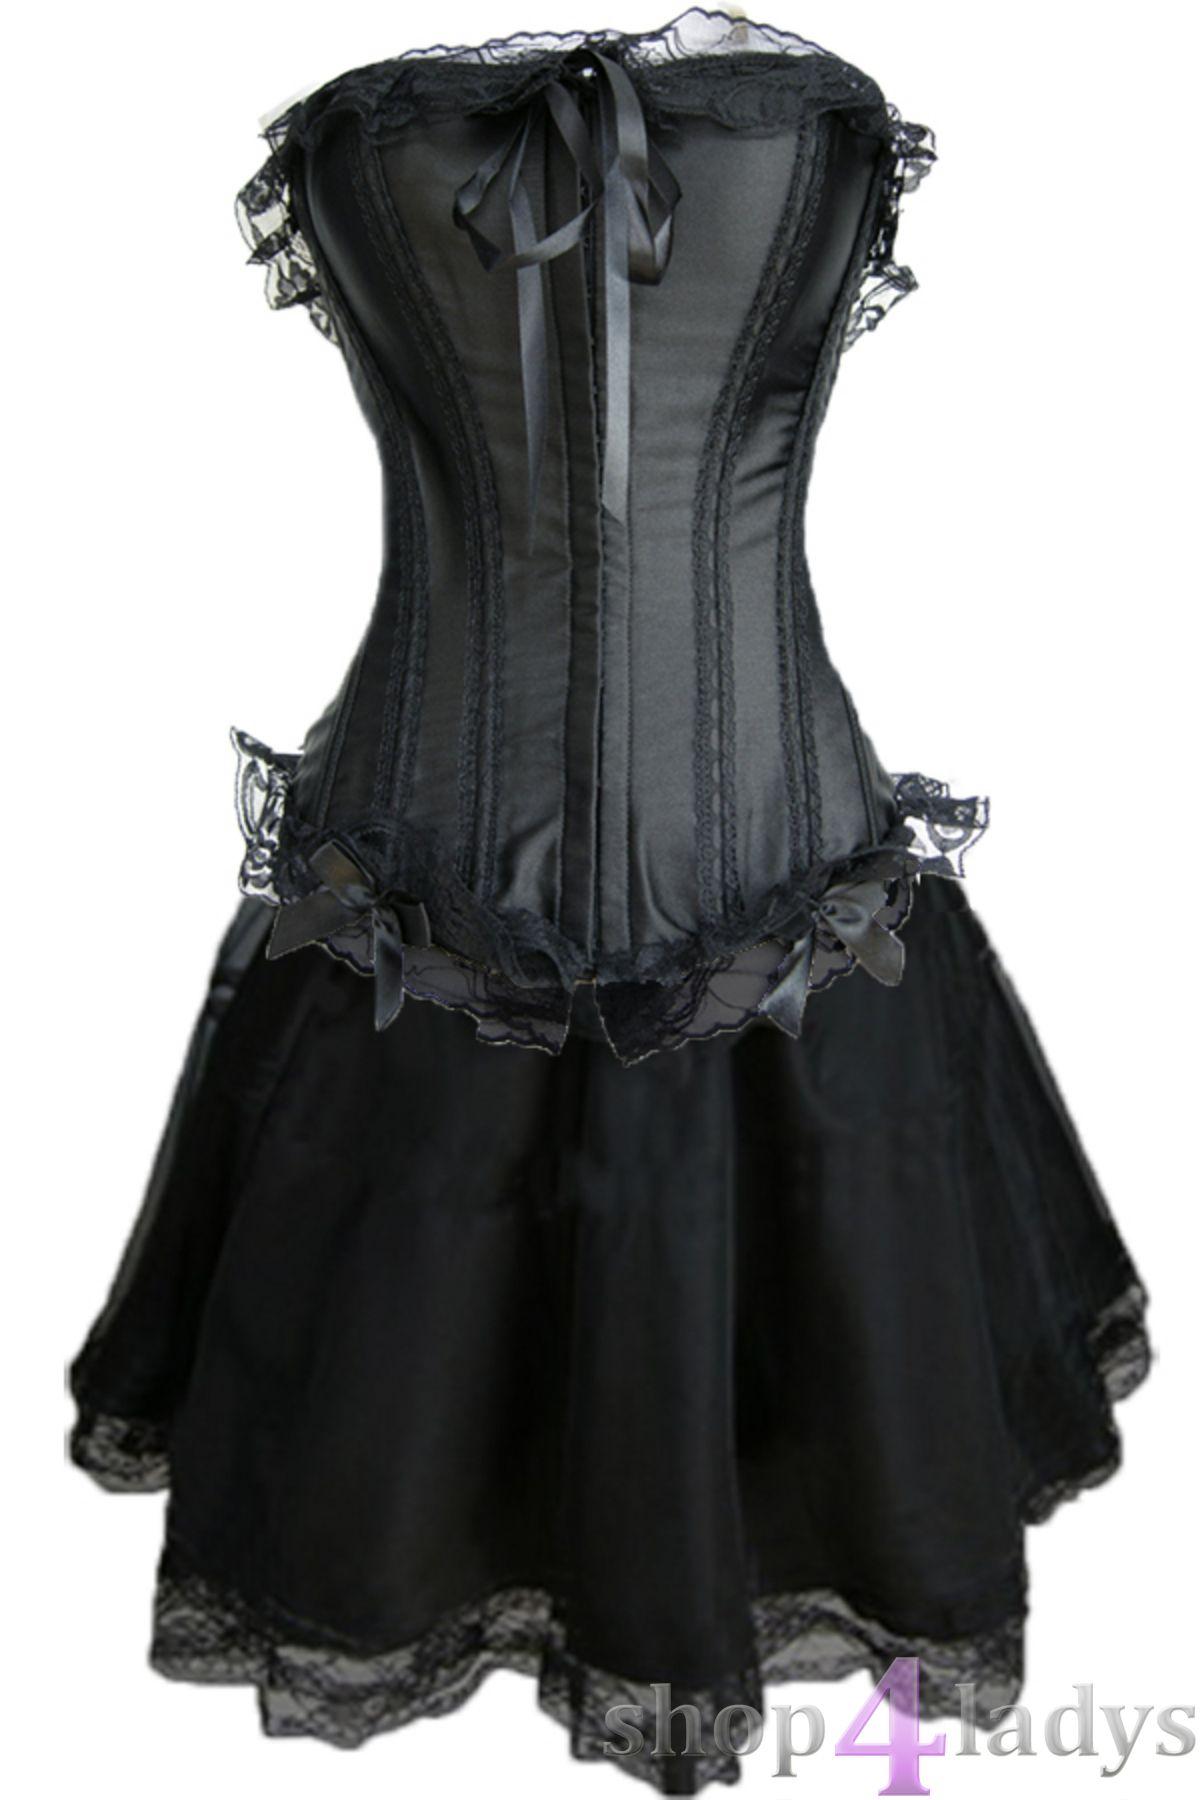 Corsagekleid Mini Rock Corsage Kleid Gothic Vakuumbeutel